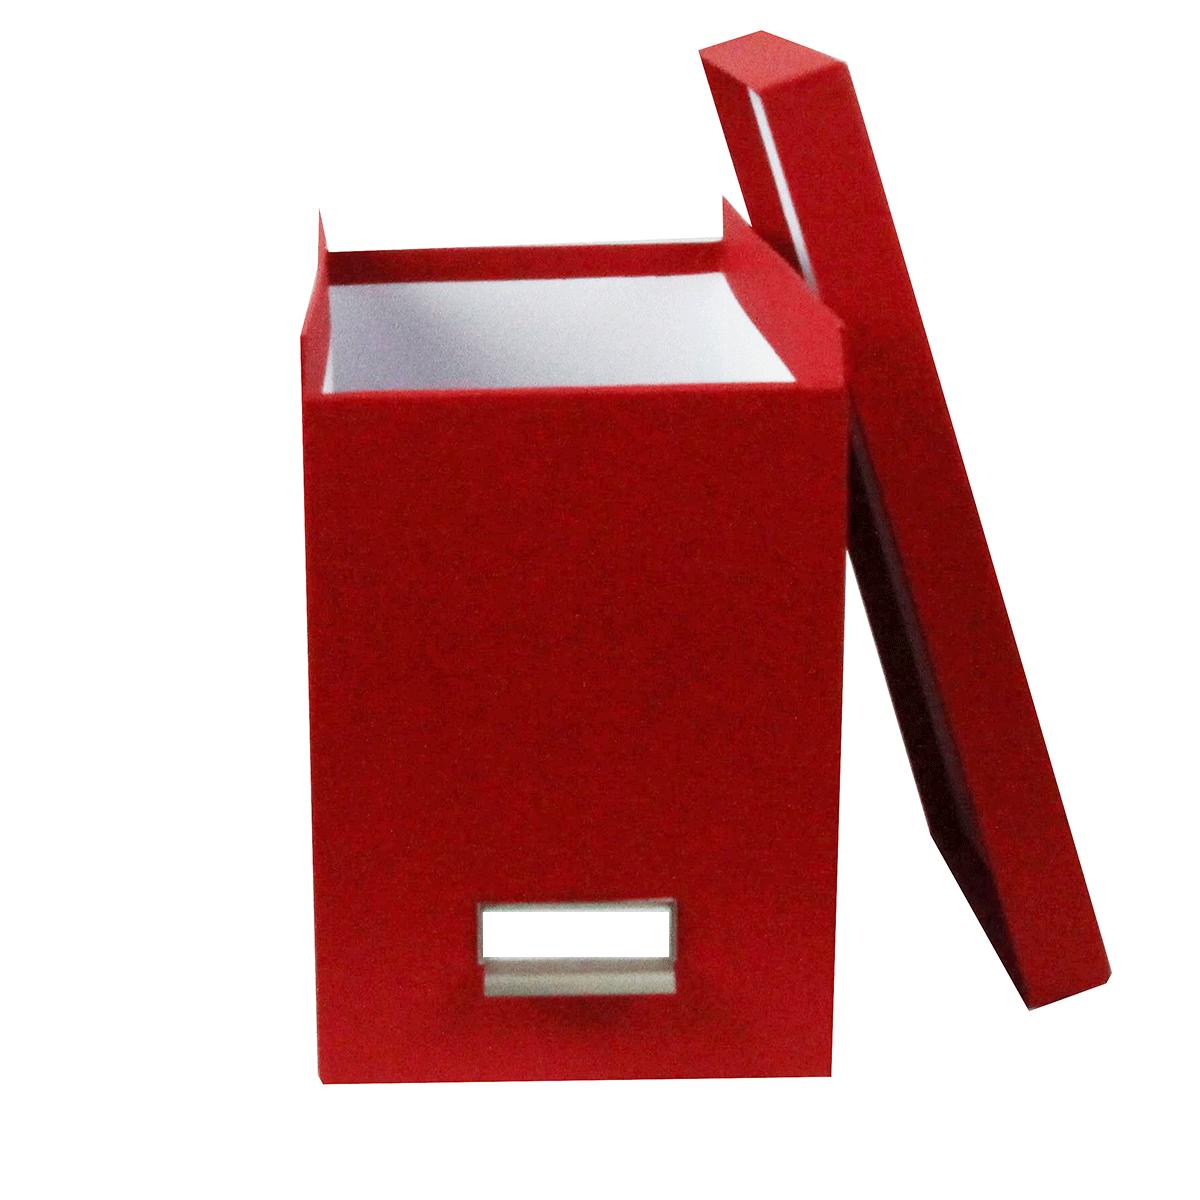 Bo te de classement des papiers carton rouge for Classement papier bureau